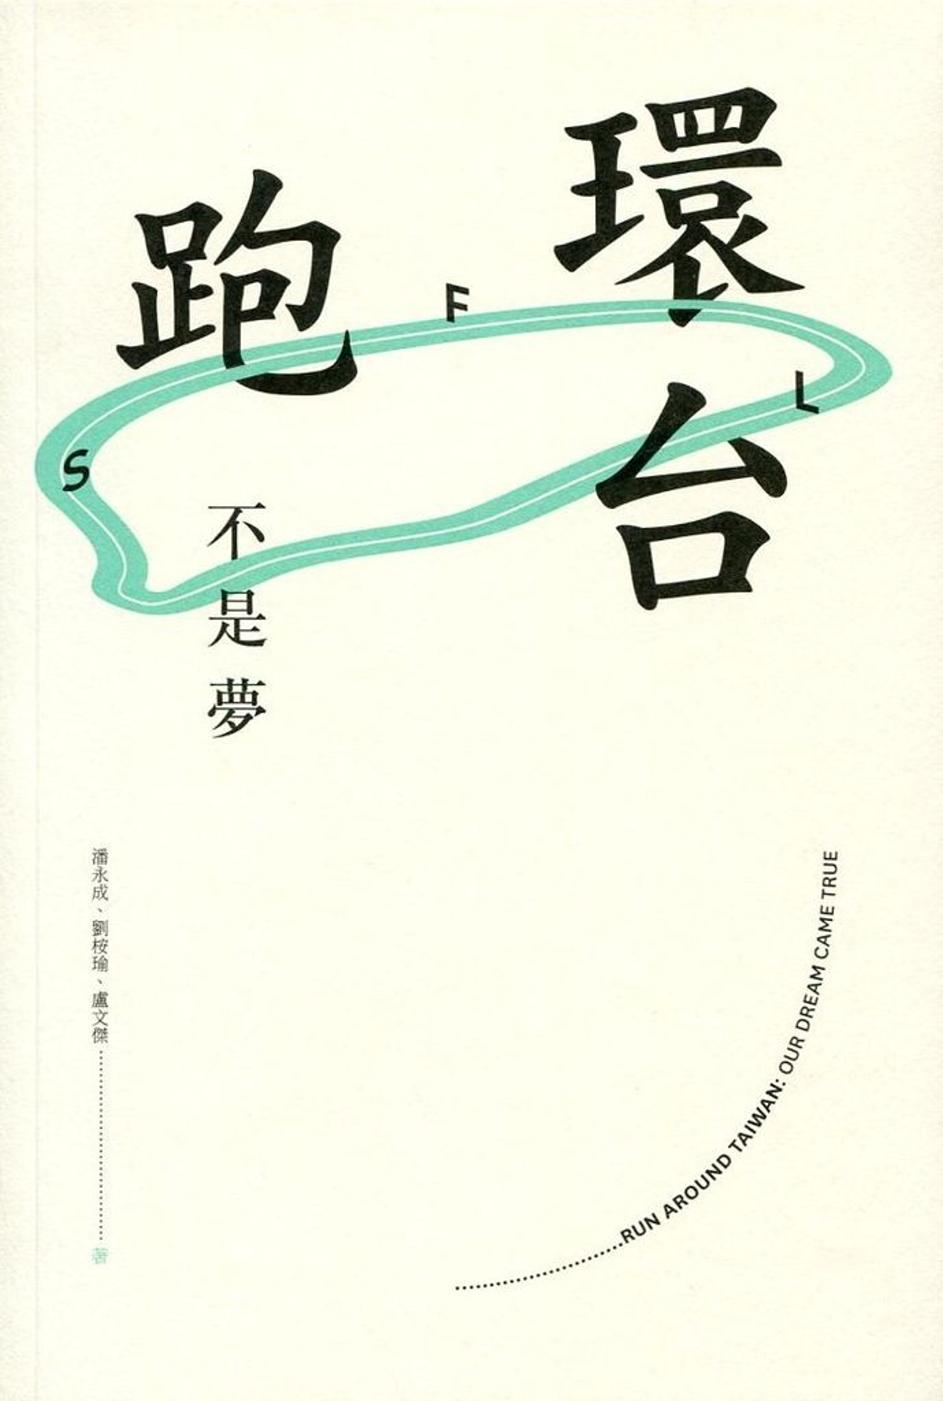 《環台跑不是夢》 商品條碼,ISBN:9789620442742